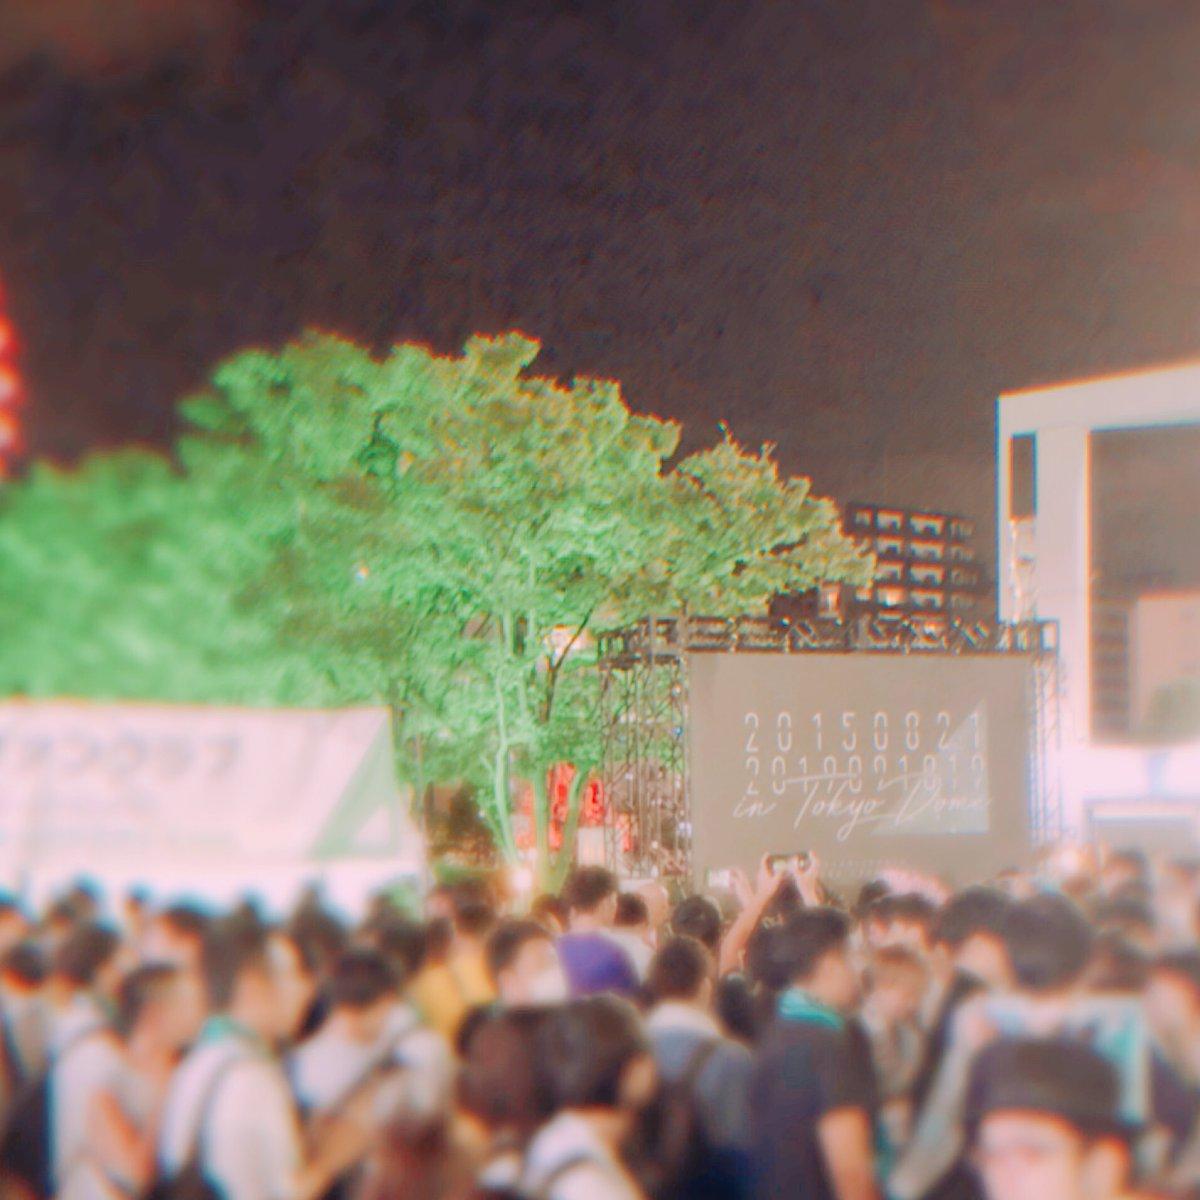 #欅坂46 #初東京ドーム 終戦。欅坂46って、欅坂46ファンって、すごい。一体感なんてレベルじゃなく欅坂が何万人もいる、そんな熱気と共鳴と、爆発。サイリウムが大きな欅にしか見えなくて、皆で辿り着いた場所なんだなって何度も胸がいっぱいになりました。りっちゃん&皆さん、本当にお疲れ様☺️